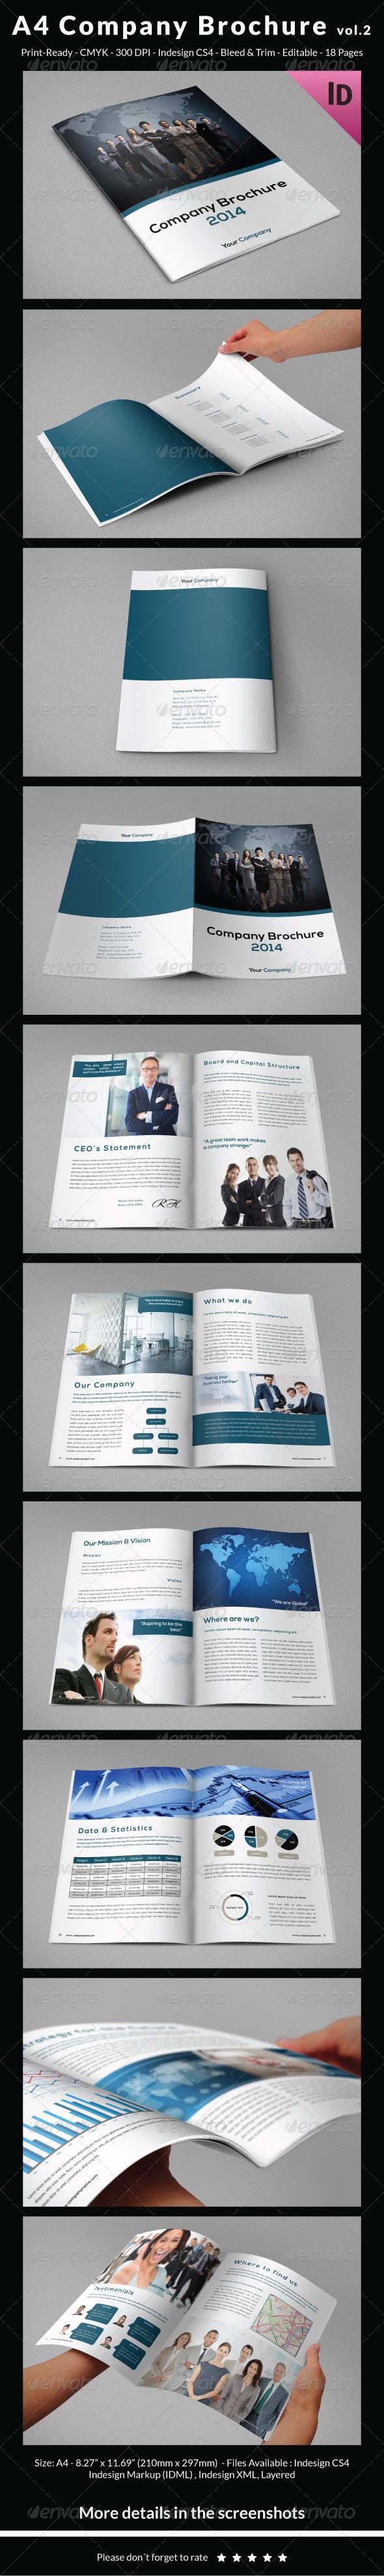 A4 Company Brochure vol.2 - Corporate Brochures